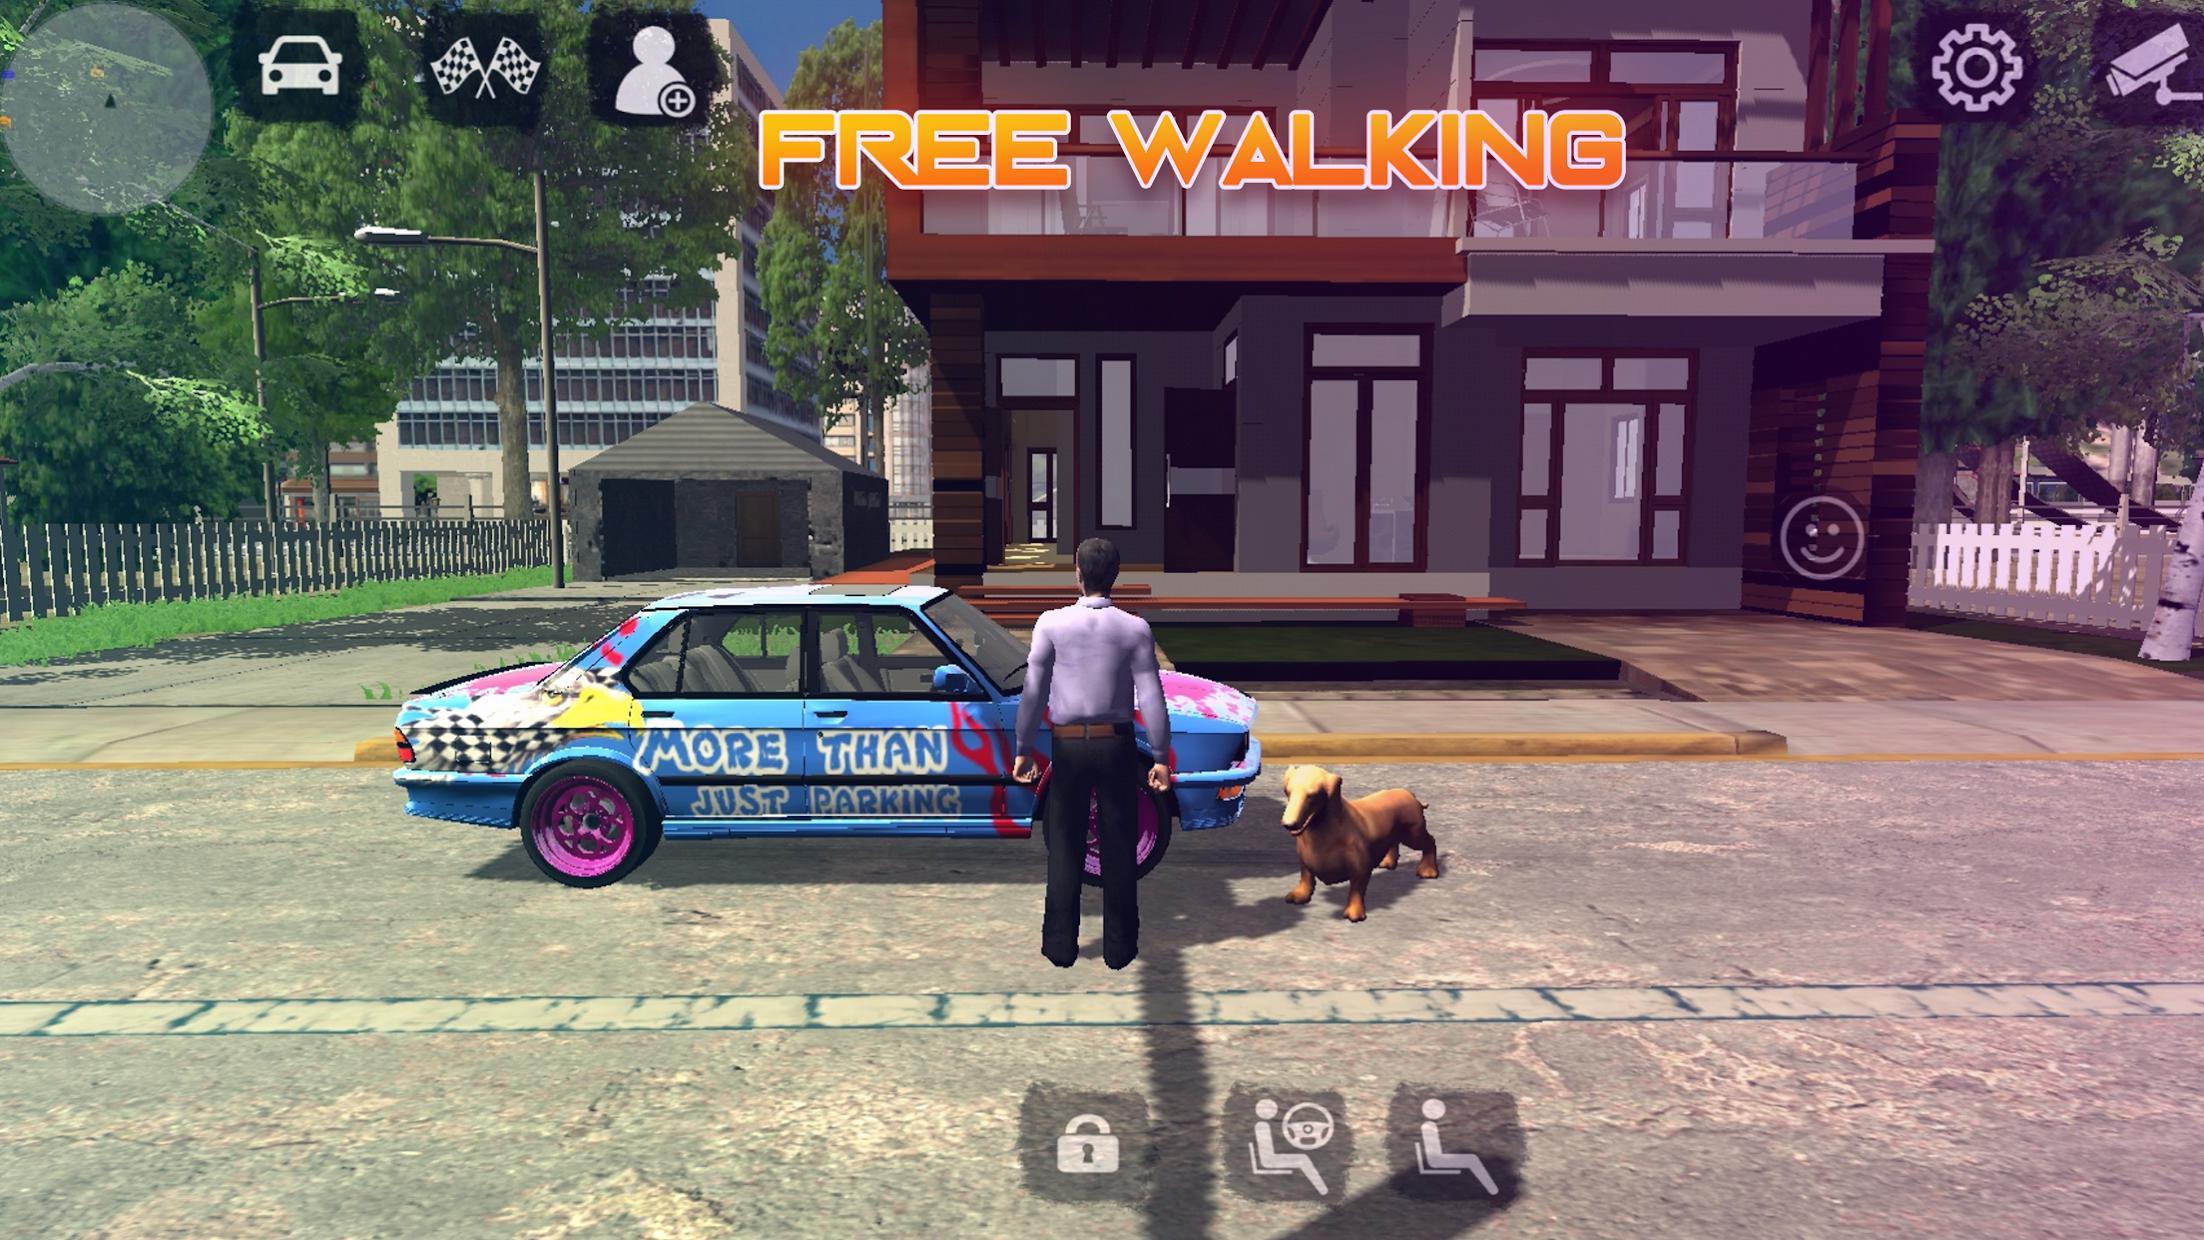 手动挡停车场 联机版(Car Parking Multiplayer) 游戏截图3